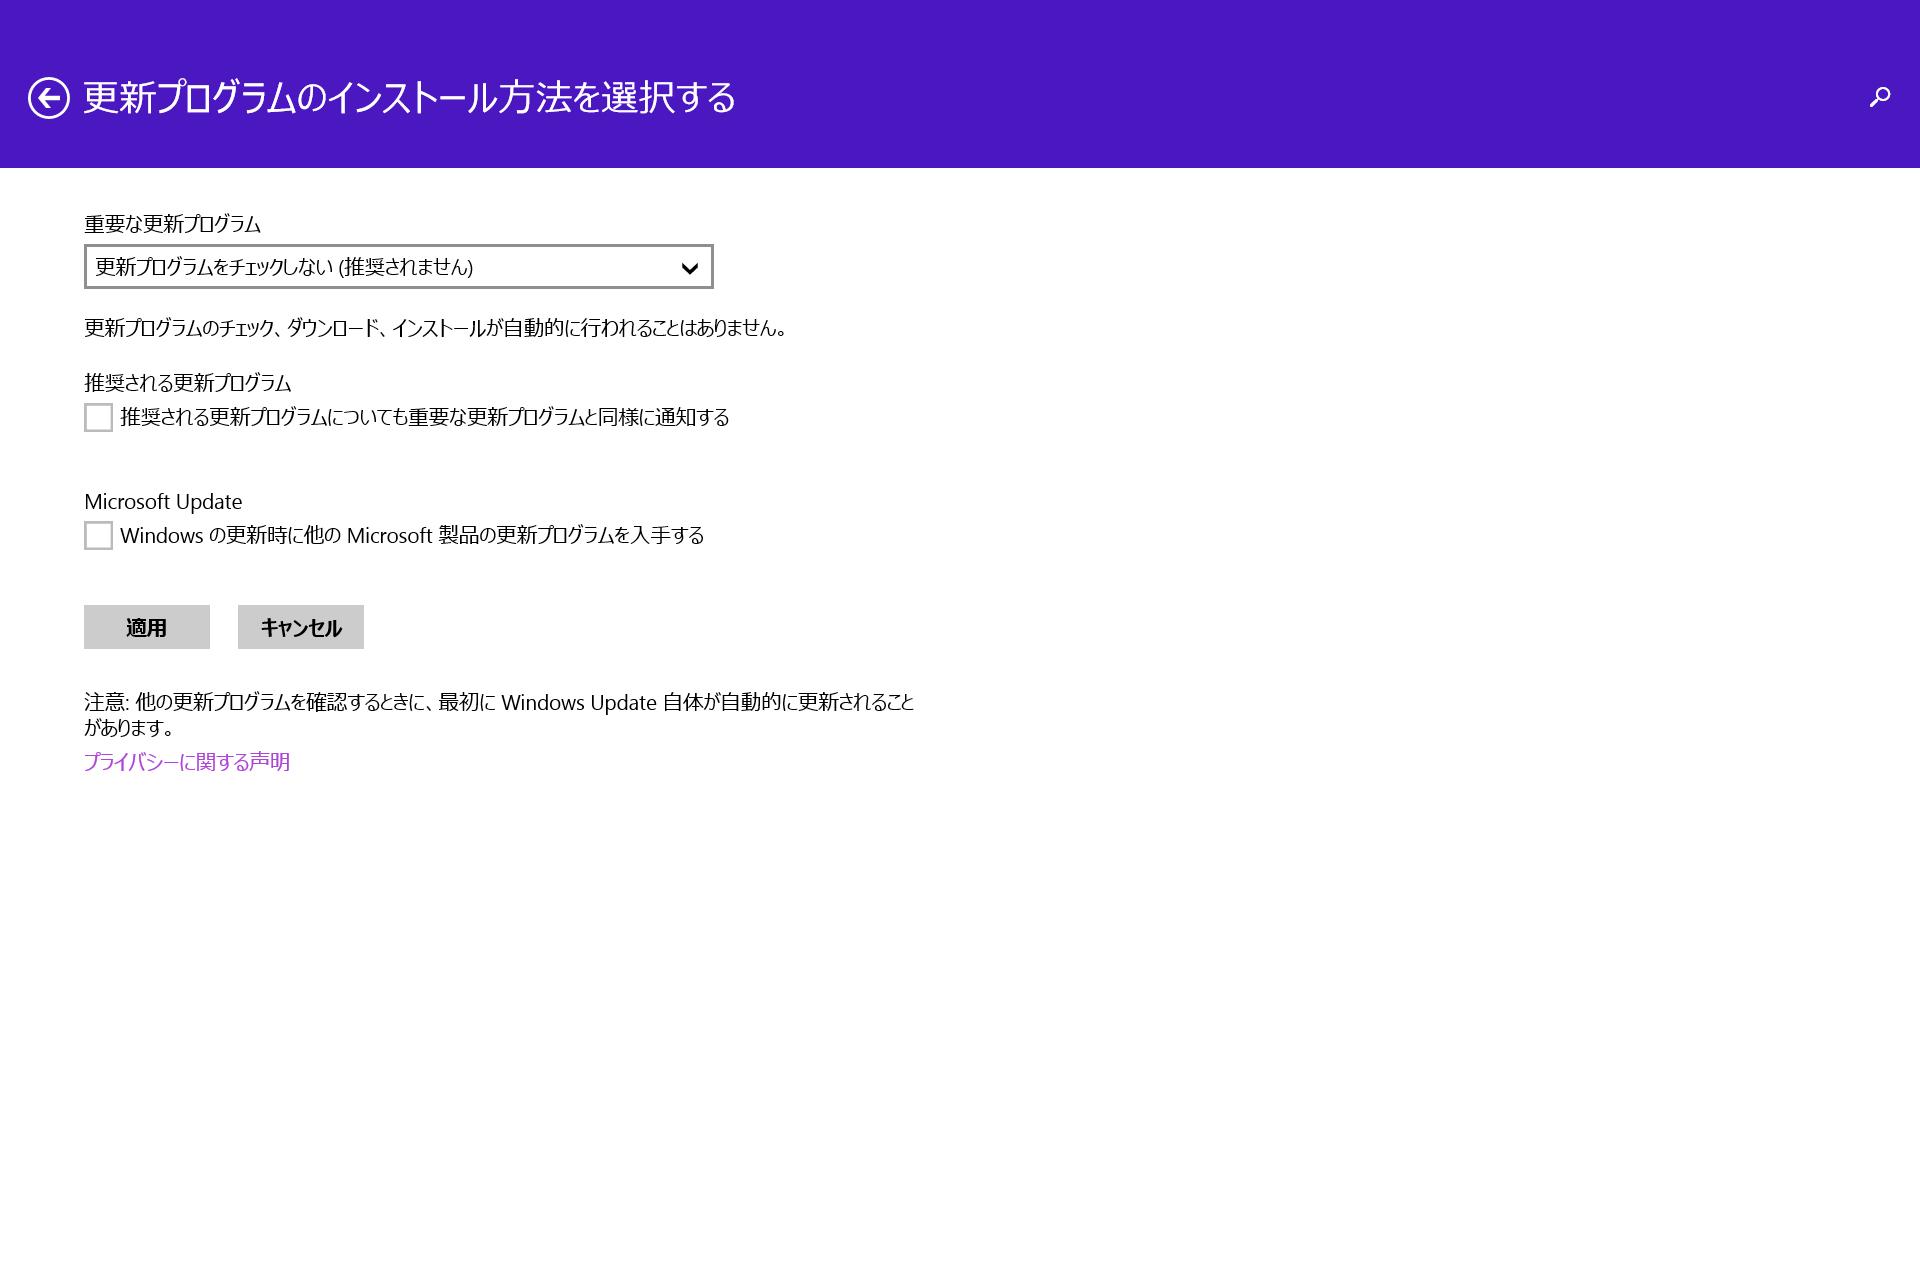 スクリーンショット (3).png